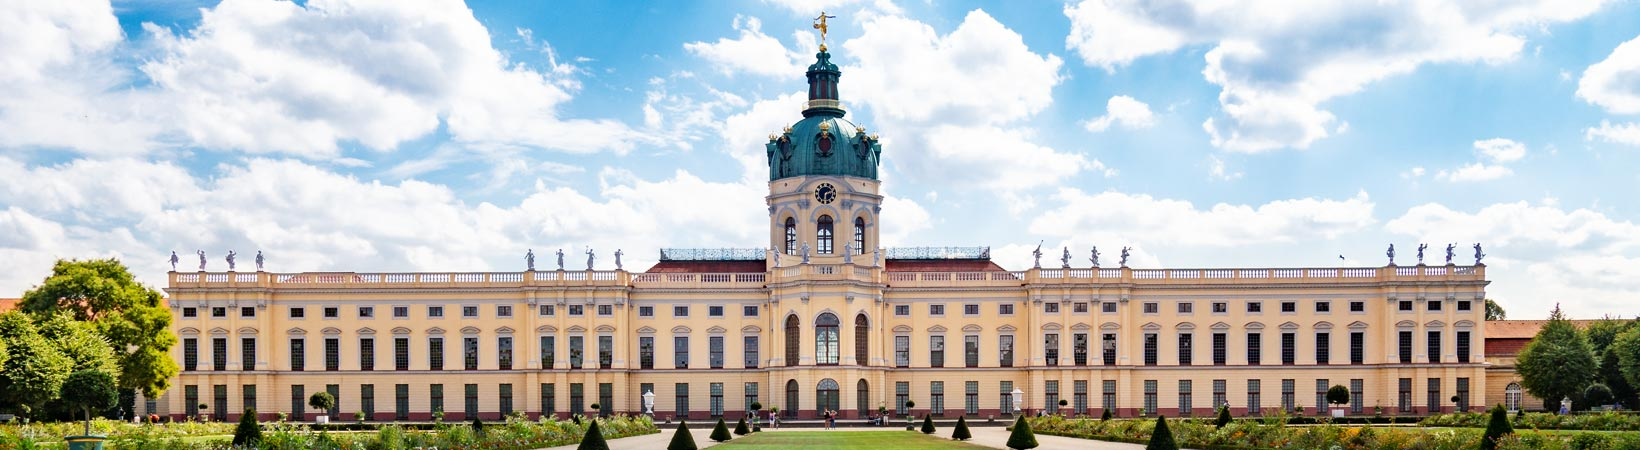 Fotos vom Spaziergang zum Schloß Charlottenburg